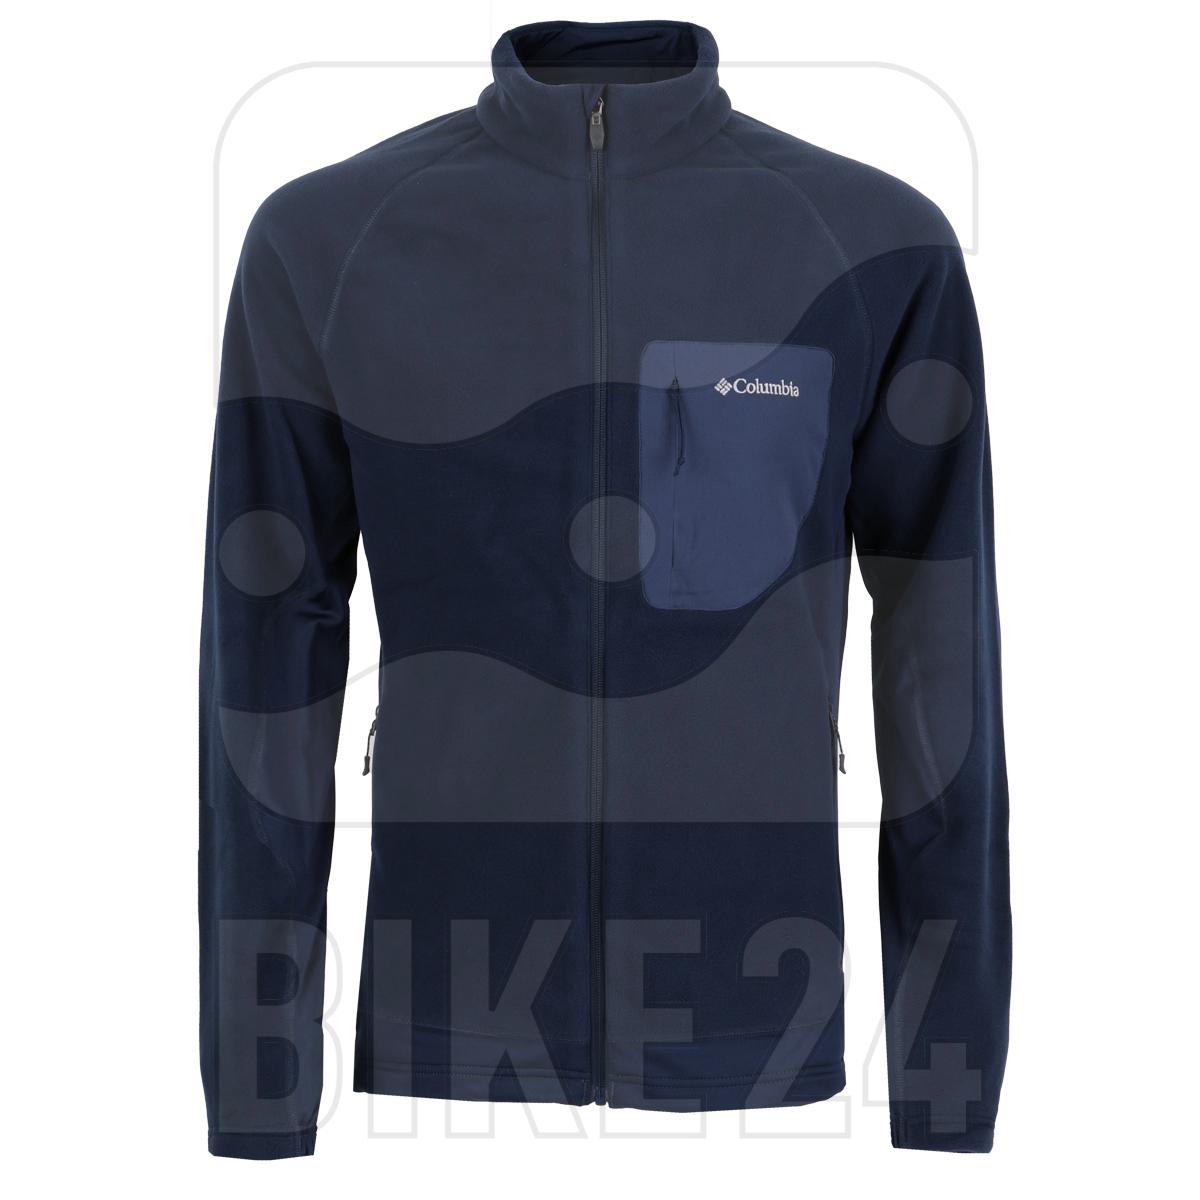 Columbia Polar Powder Full Zip Fleece Jacket - Collegiate Navy